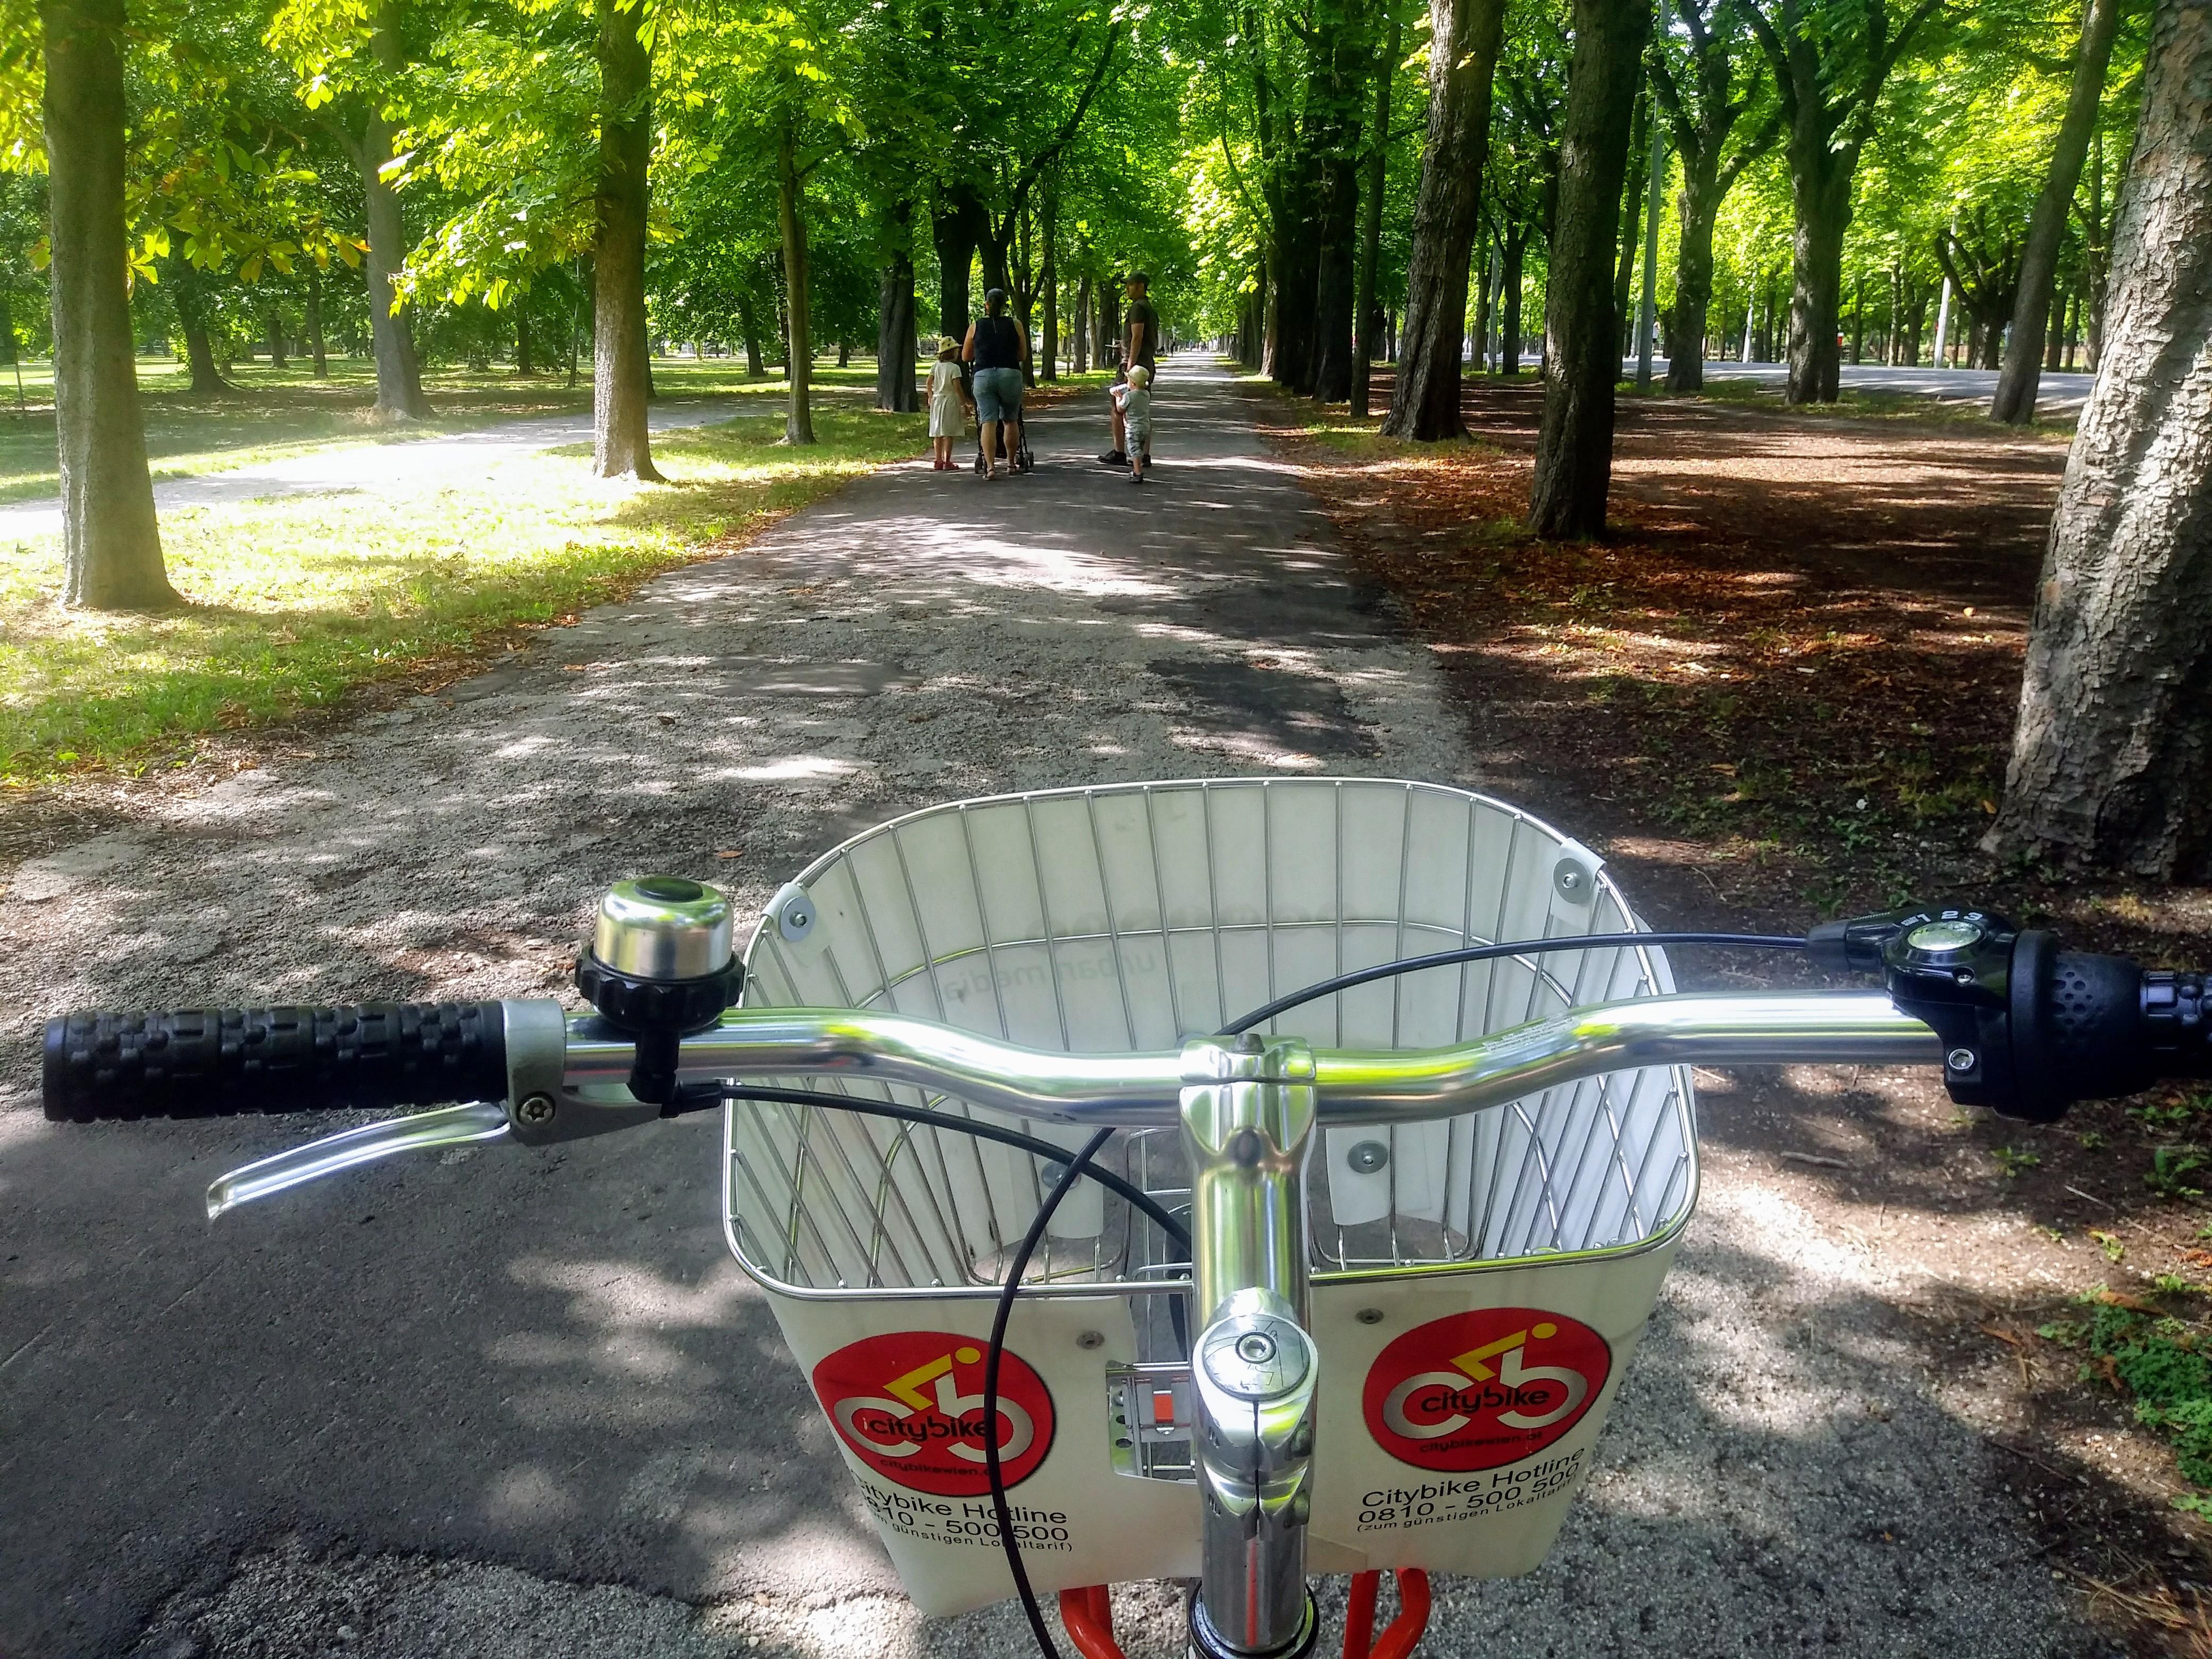 Mit dem City Bike den Prater erkunden